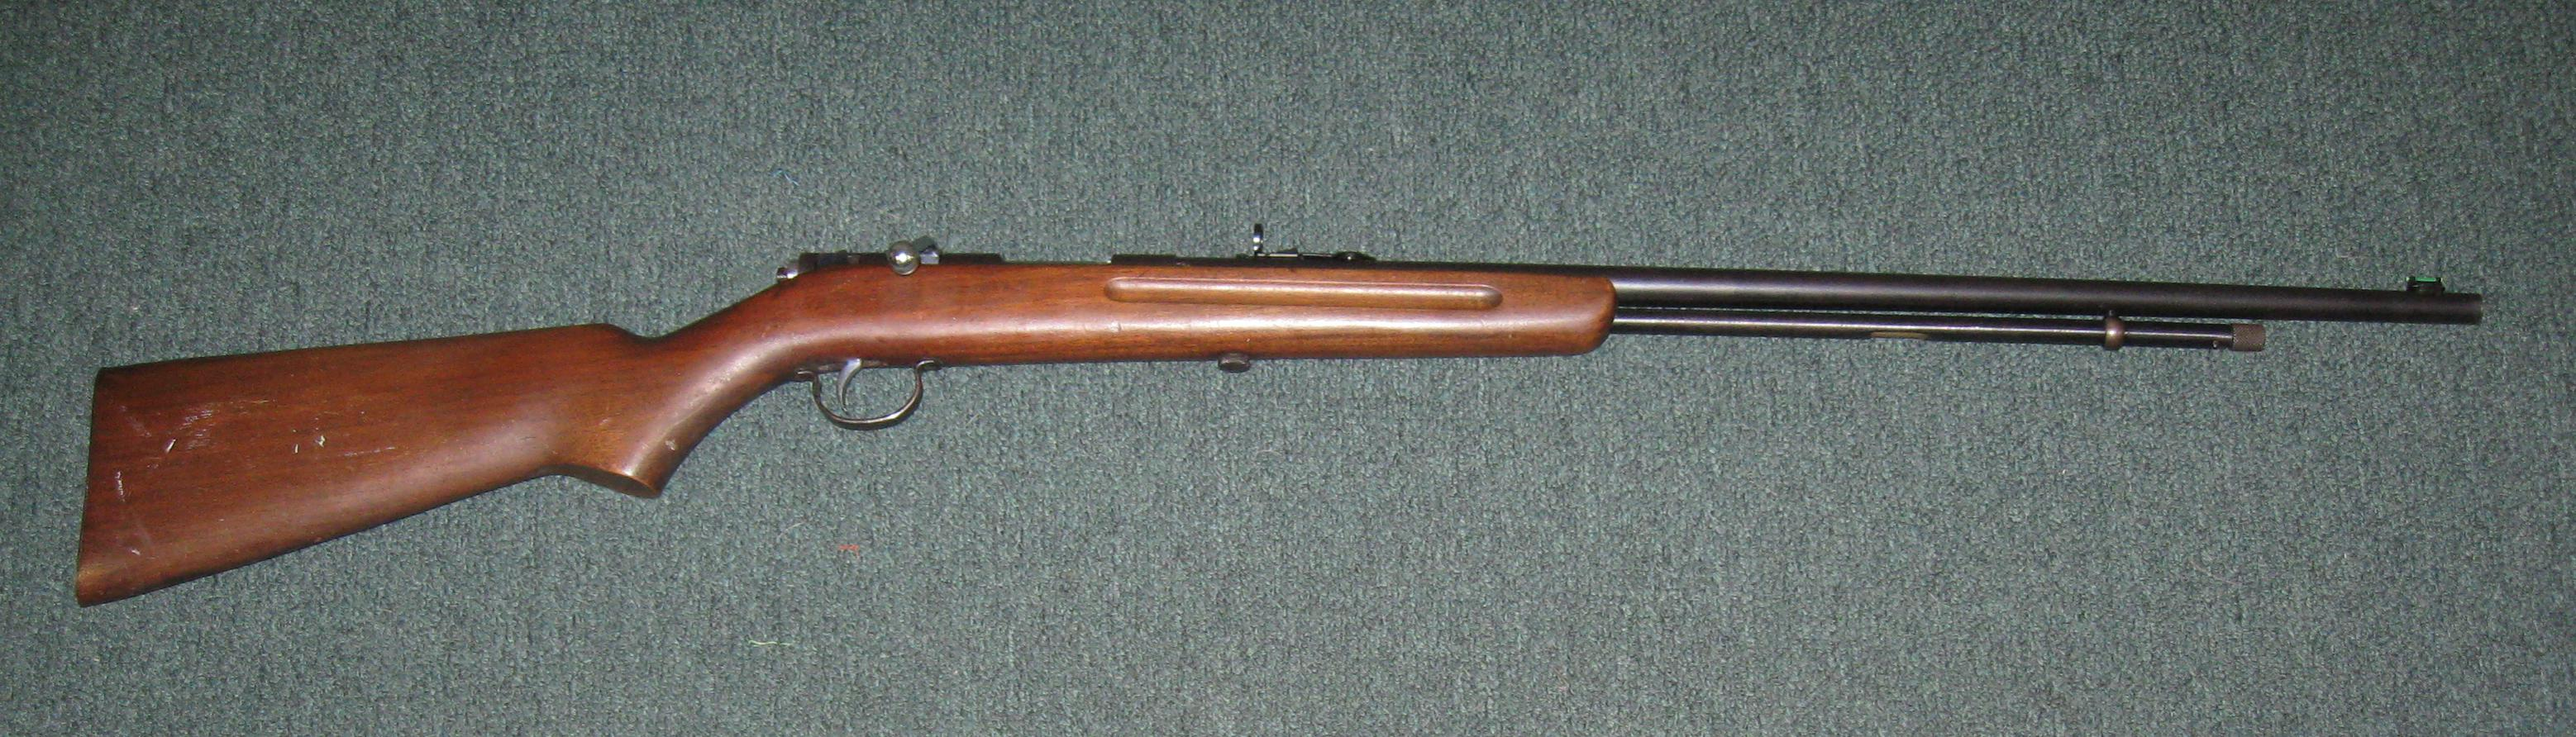 Name:  Remington 34.jpg Views: 46267 Size:  535.1 KB